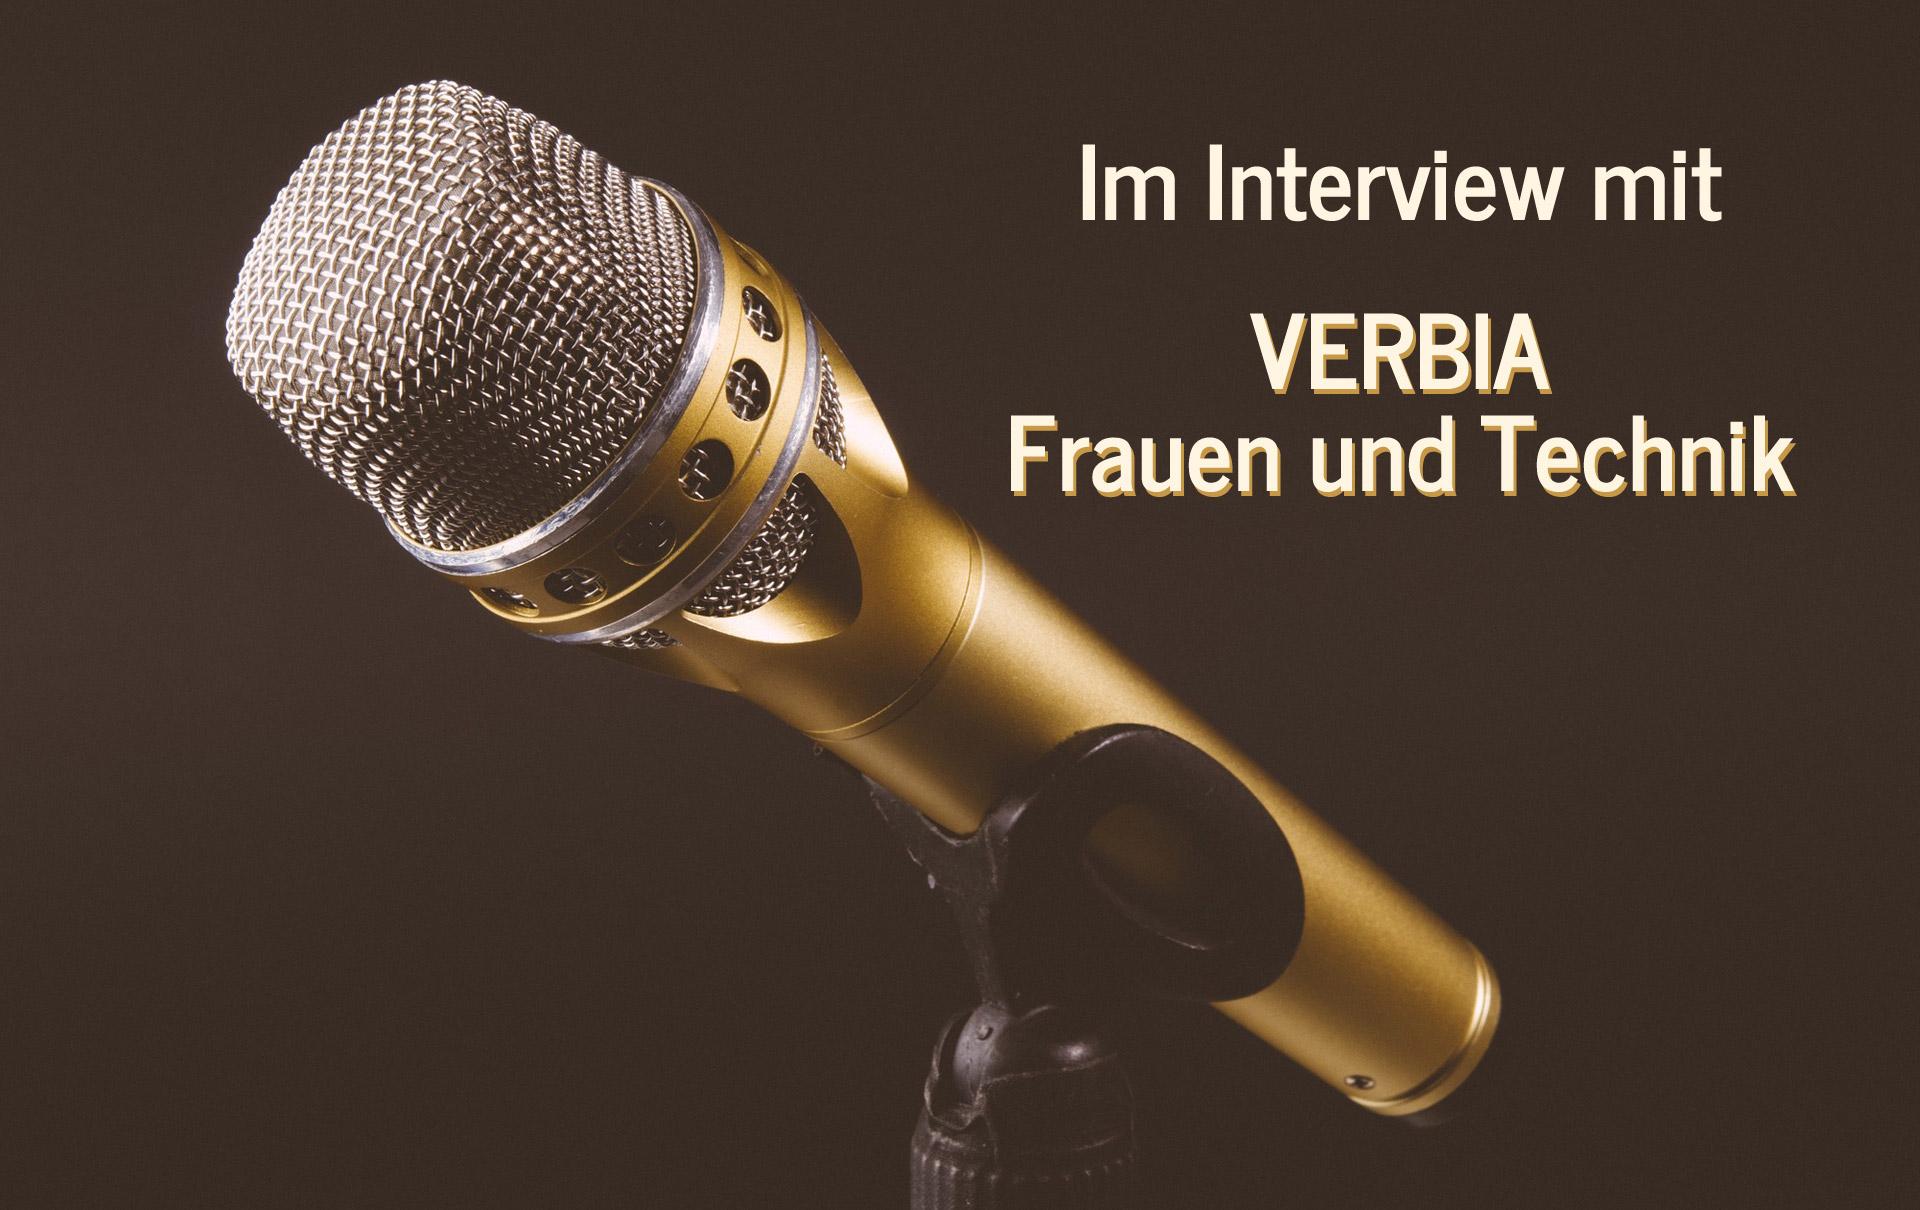 Im Interview mit Simone Fasse von Verbia - Fraunen und Technik